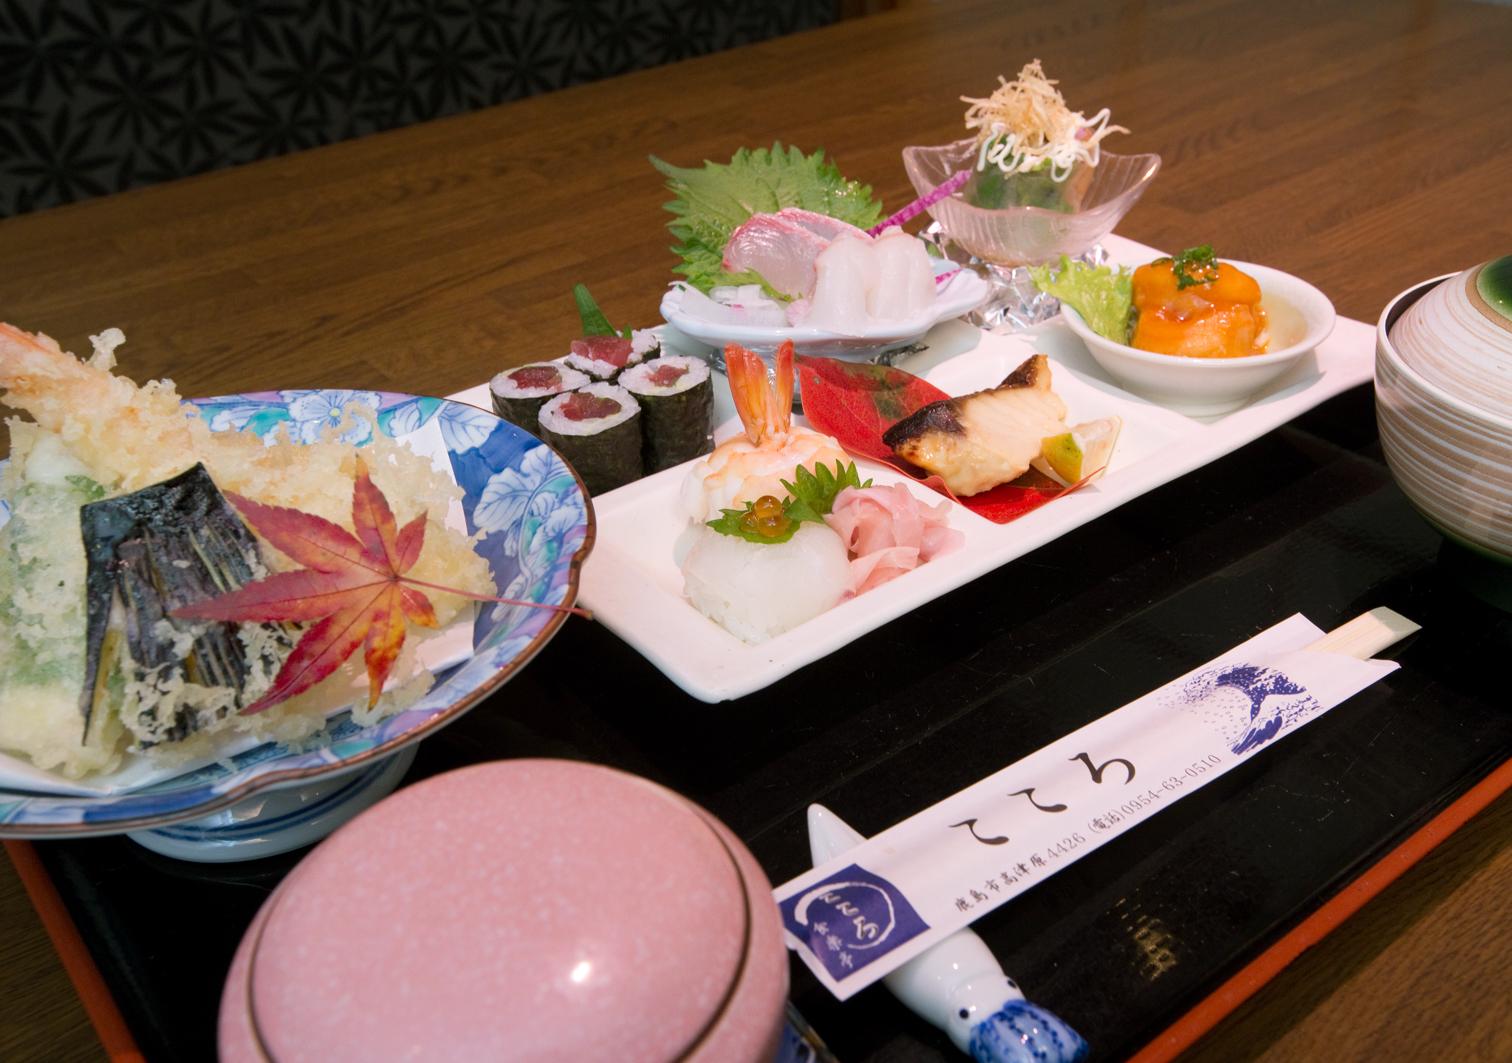 レディースランチは刺身や手まり寿司、焼魚などお手頃サイズで楽しめる料理です。